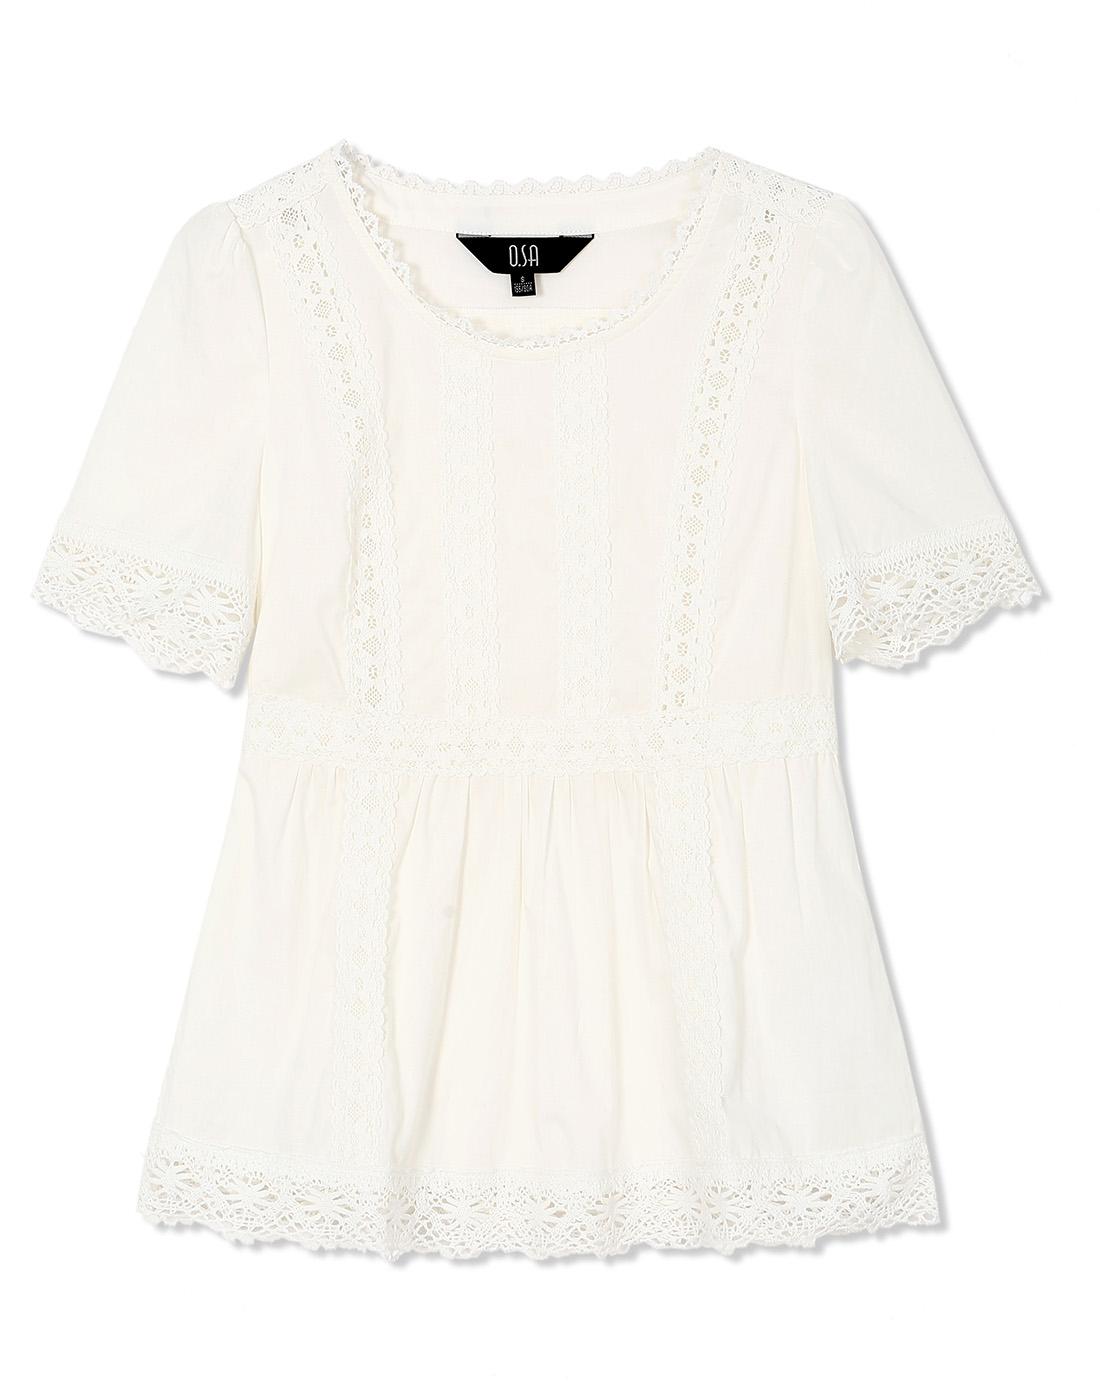 米白色衬衣